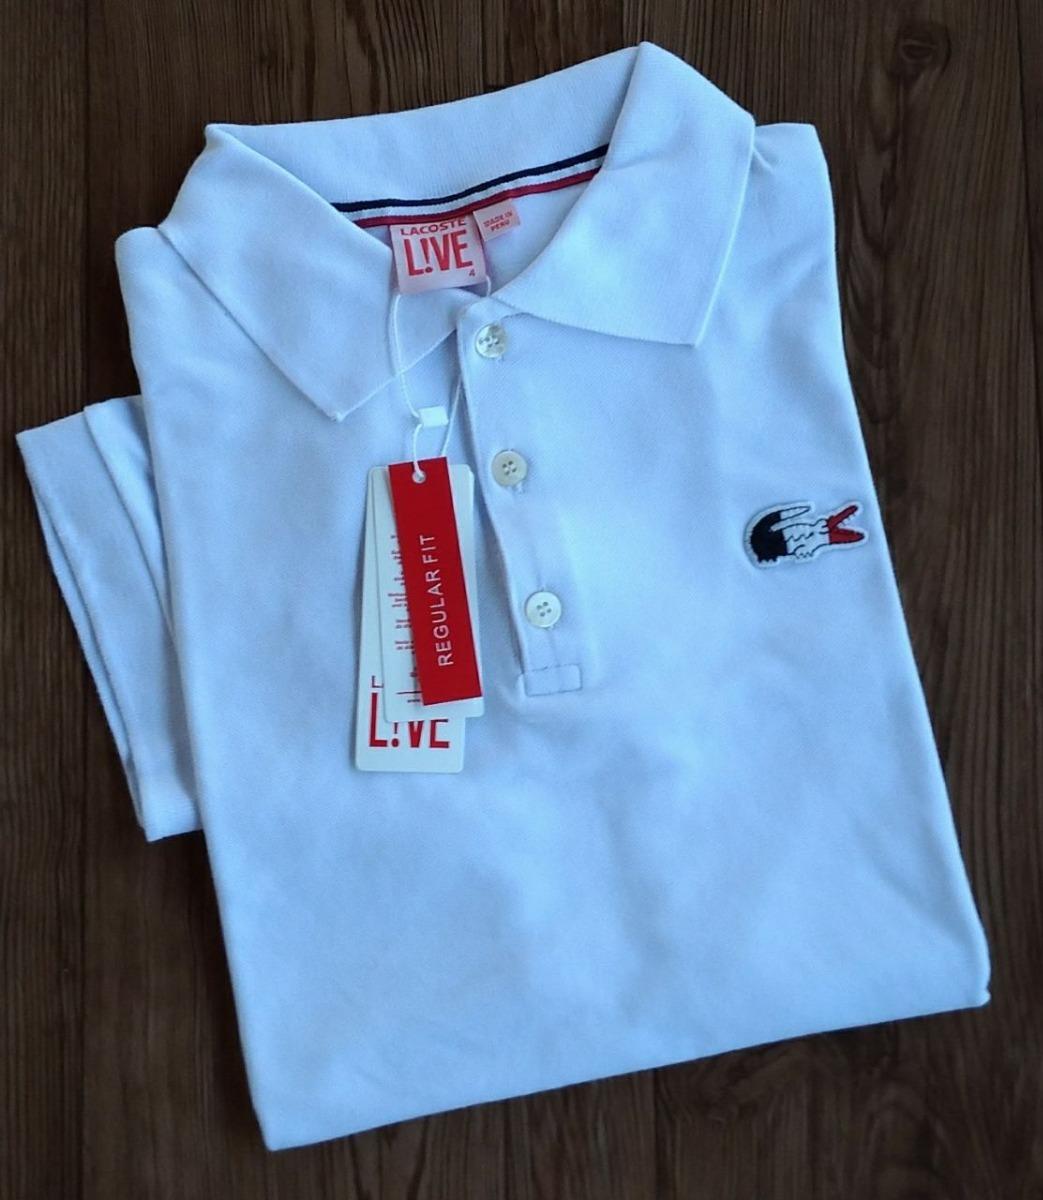 camisa polo lacoste original importada do peru 6 unidades. Carregando zoom. cc1770aaf9